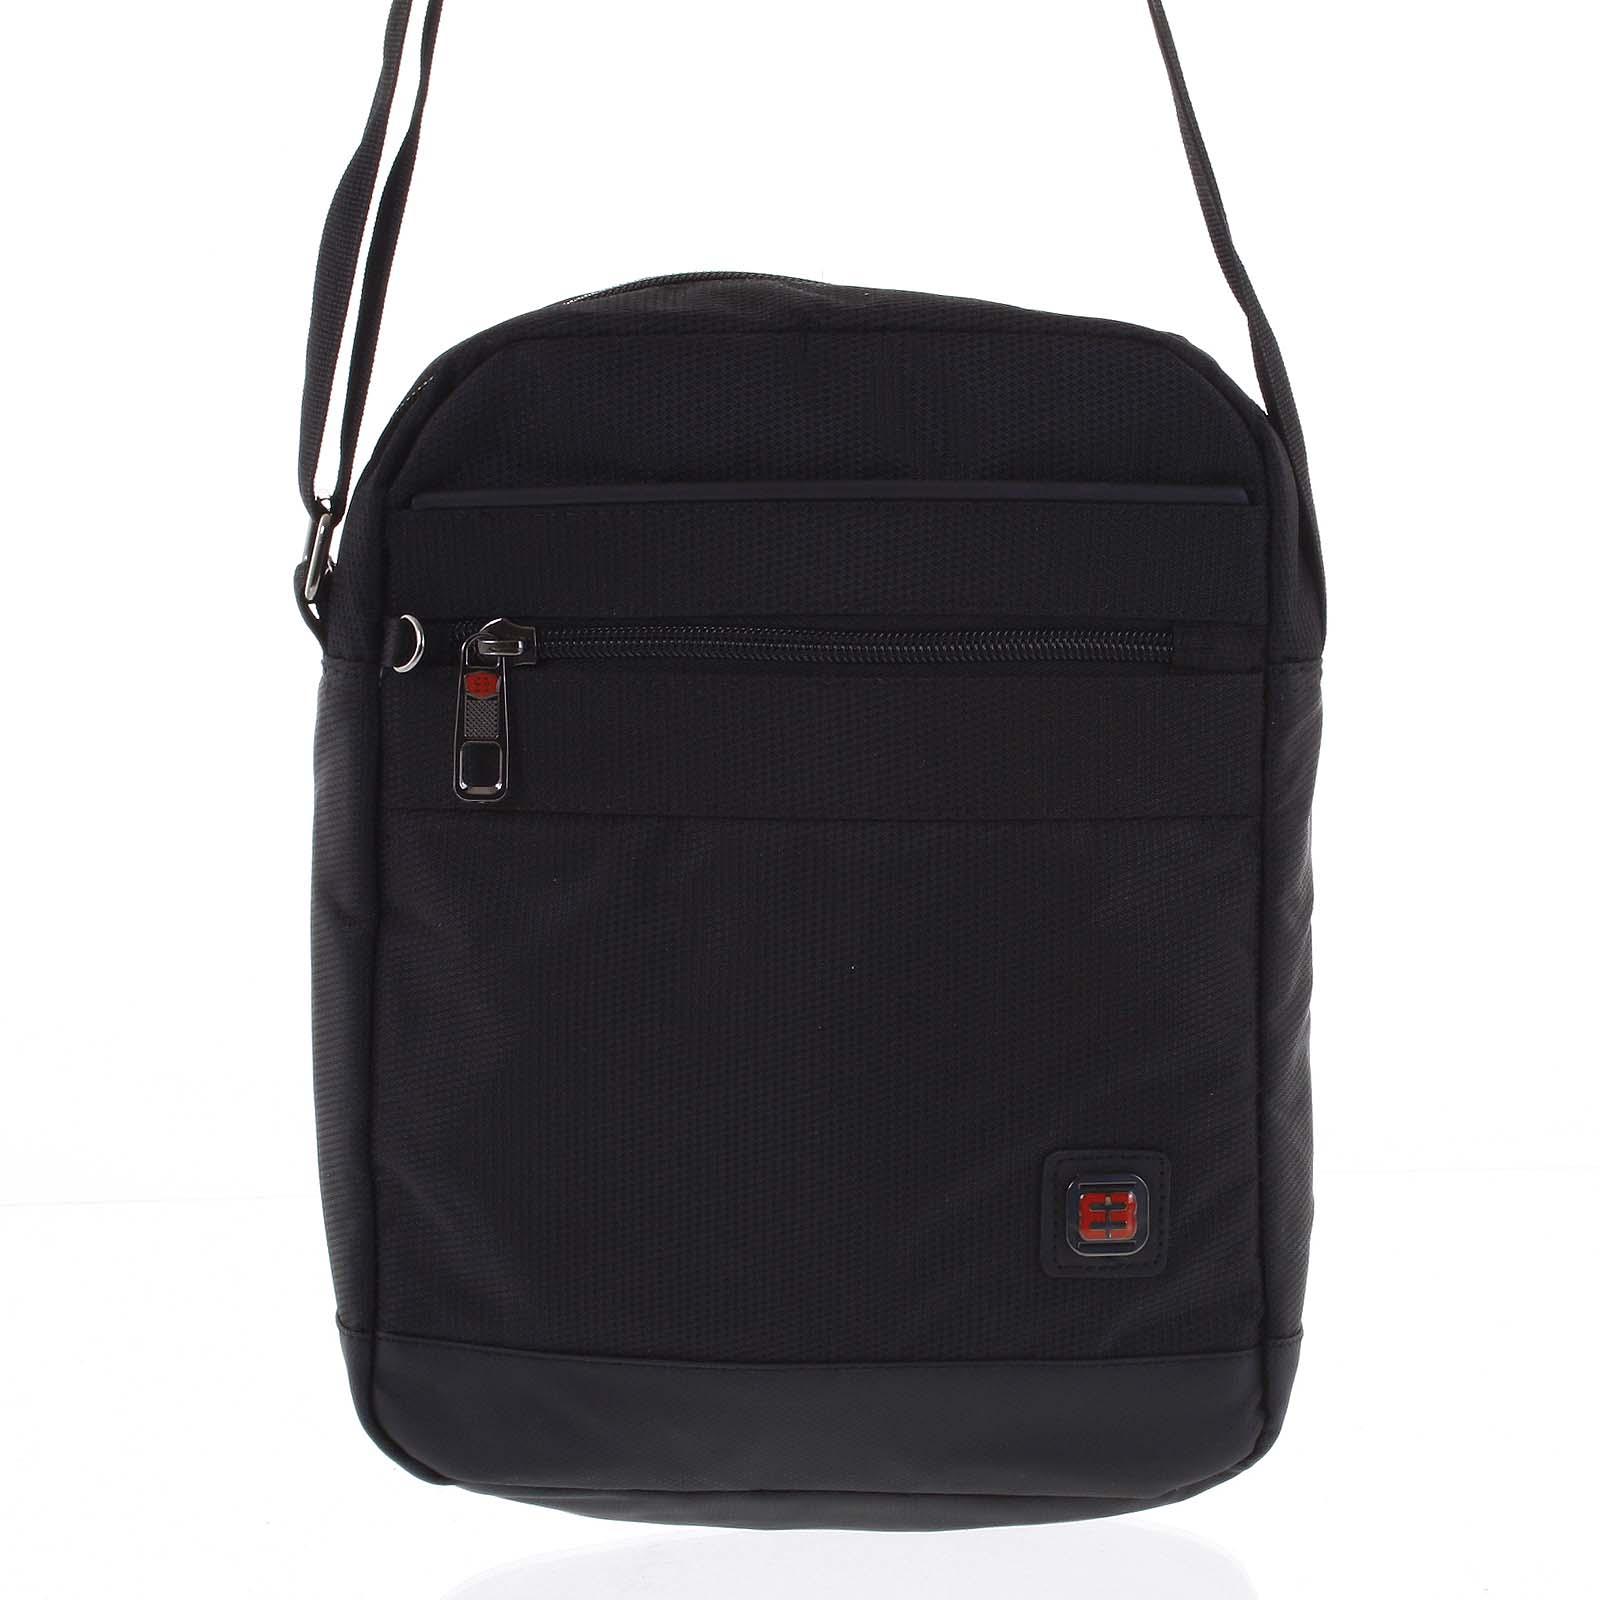 Sportovní taška na doklady černá - Enrico Benetti Romal